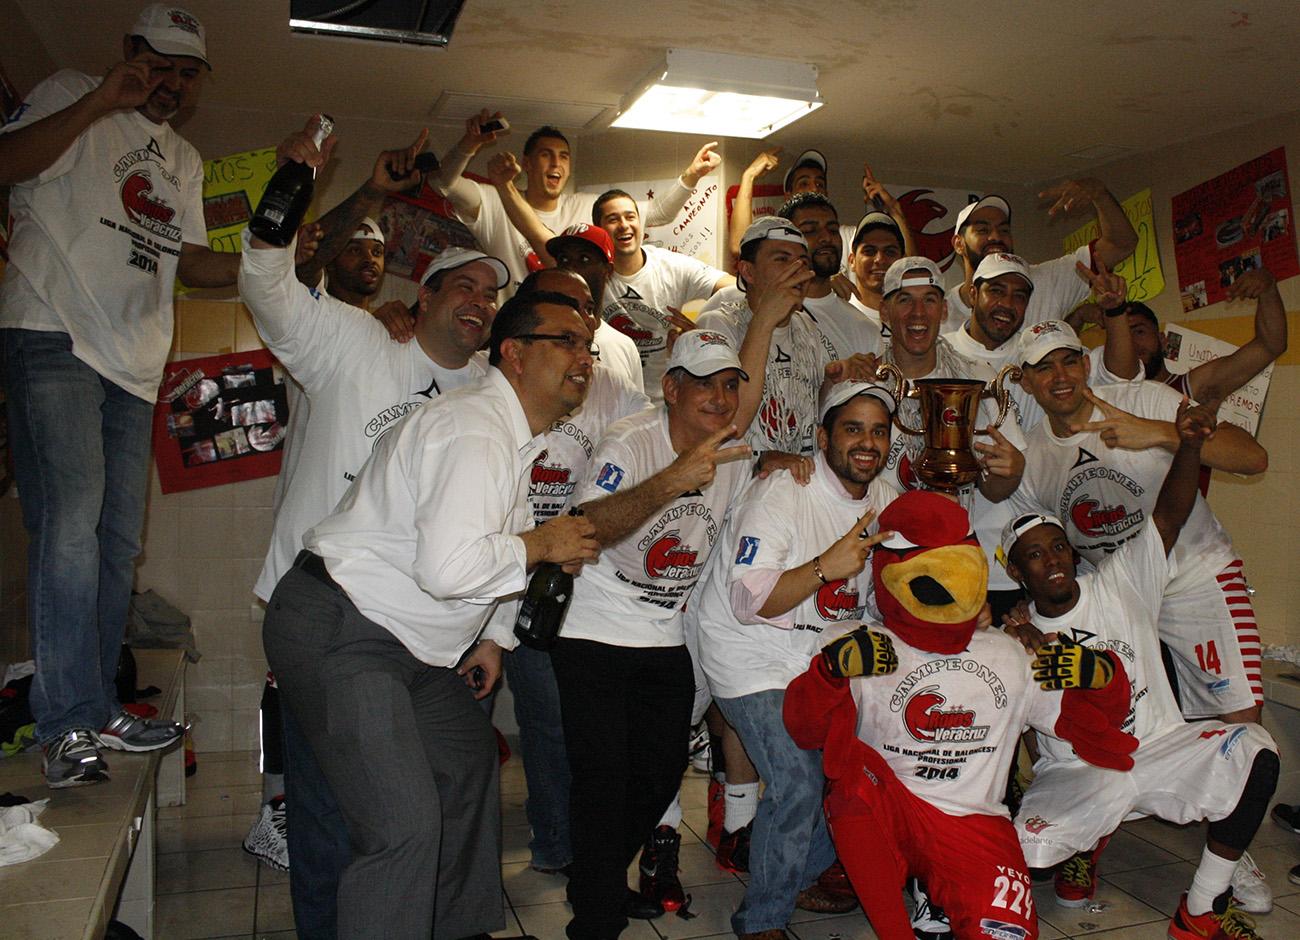 Halcones Rojos  CAMPEONES de la lnbp en via basquet